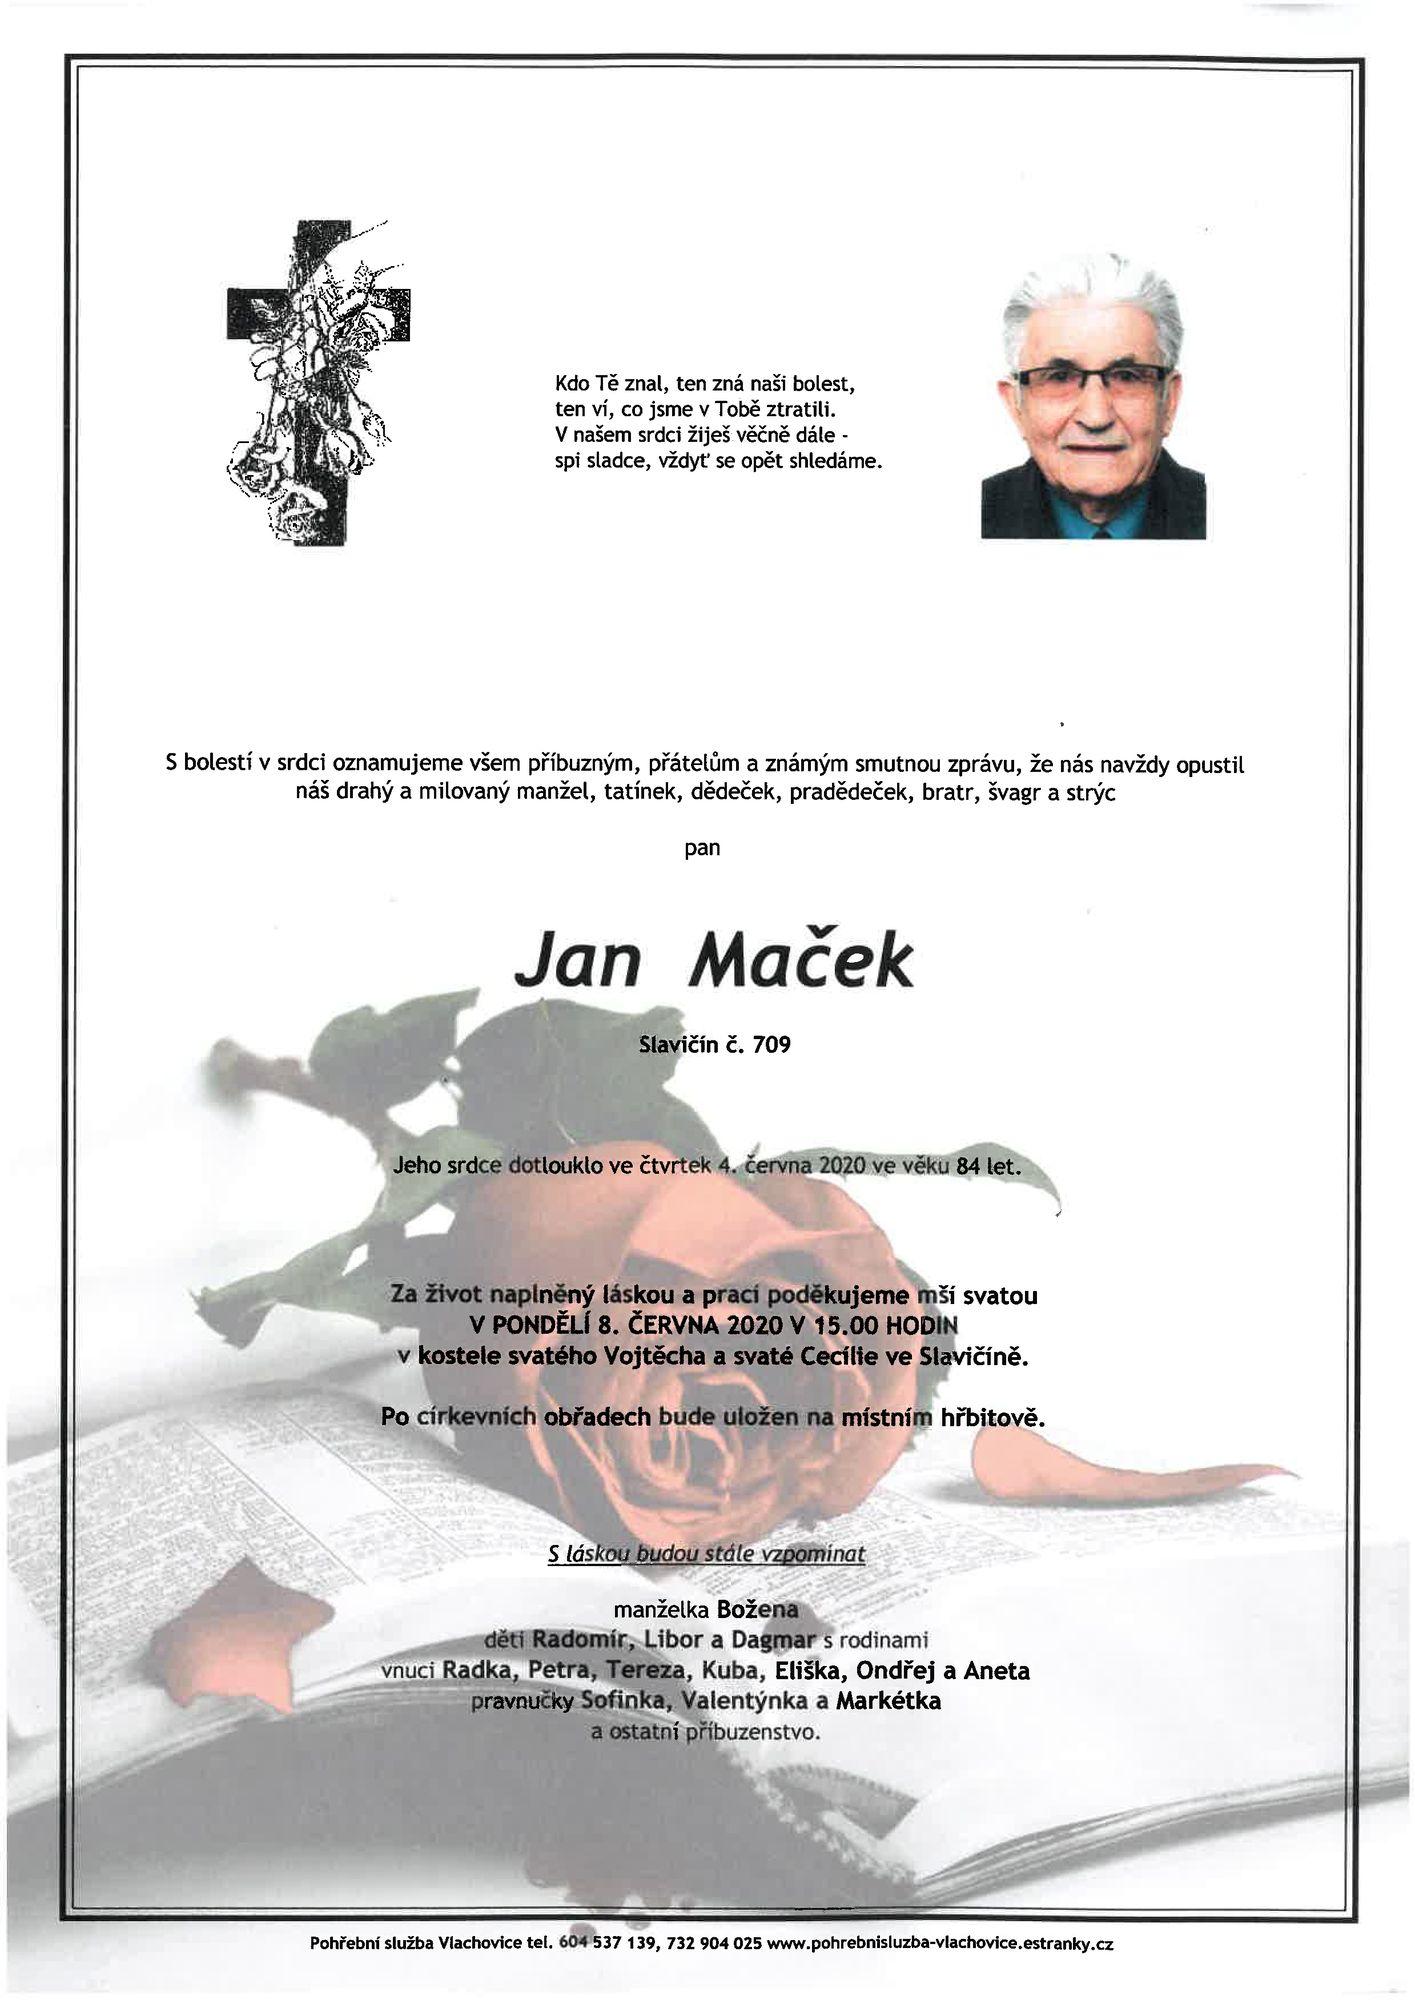 Jan Maček